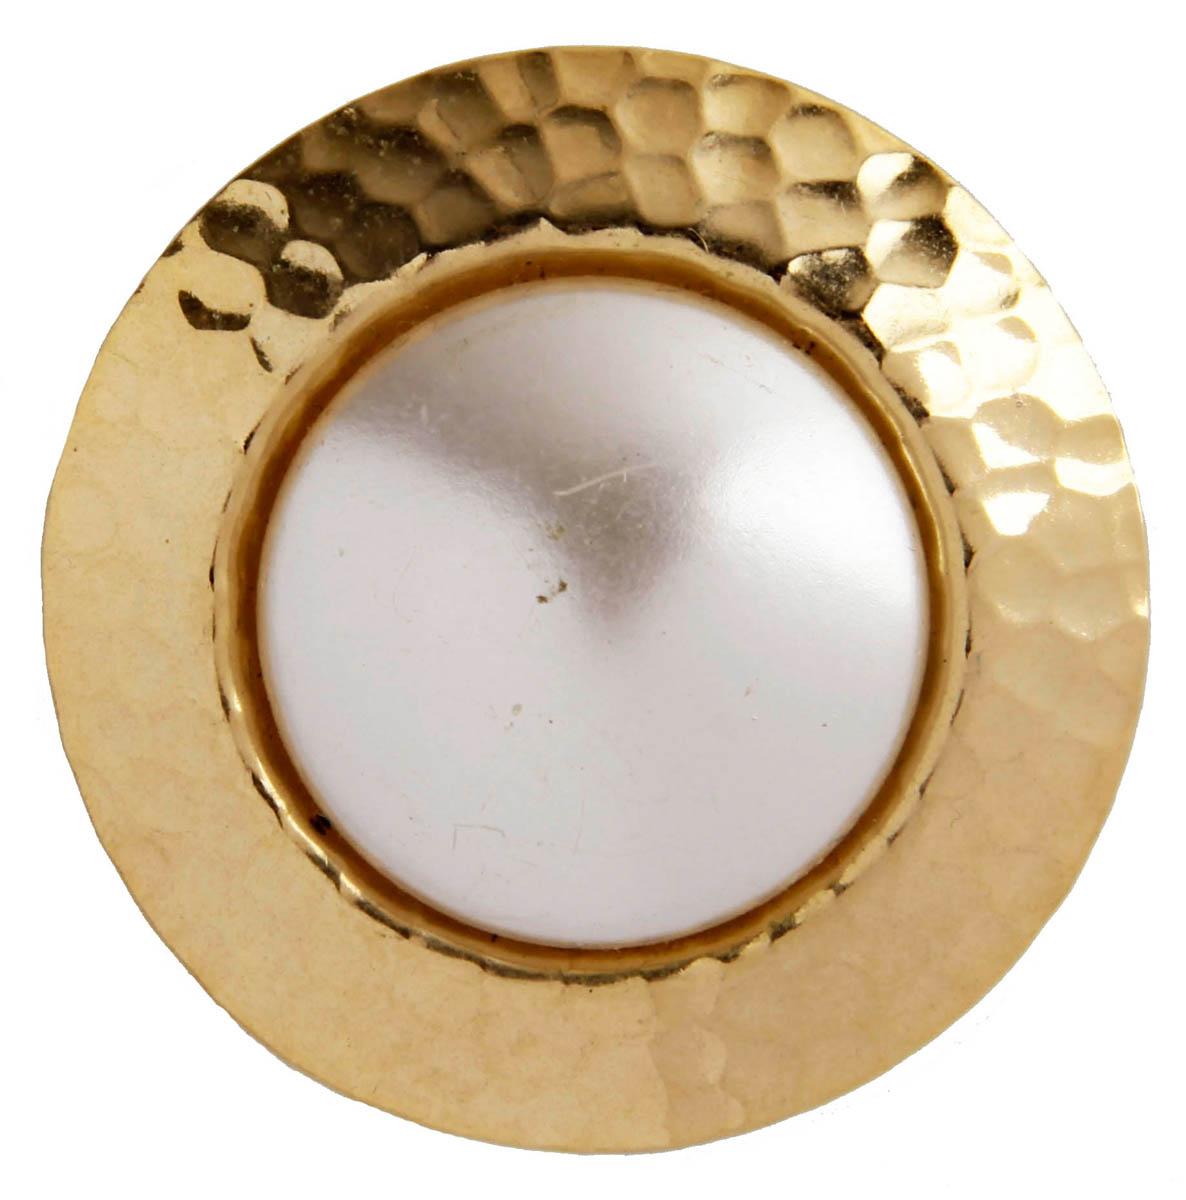 Зажим для платка Элегантность. Бижутерный сплав, имитация жемчуга. США, конец XX векаОС29327Зажим для платка Элегантность. Бижутерный сплав, имитация жемчуга. США, конец ХХ века. Размер 4,5 х 4,5 см. Сохранность хорошая. Предмет не был в использовании. Филигранный винтажный зажим выполнен из бижутерного сплава золотого тона. Очаровательное, притягивающее взгляды украшение. Снабжено удобной и надежной застежкой. Зажим для платка - отличное дополнение вашего наряда.